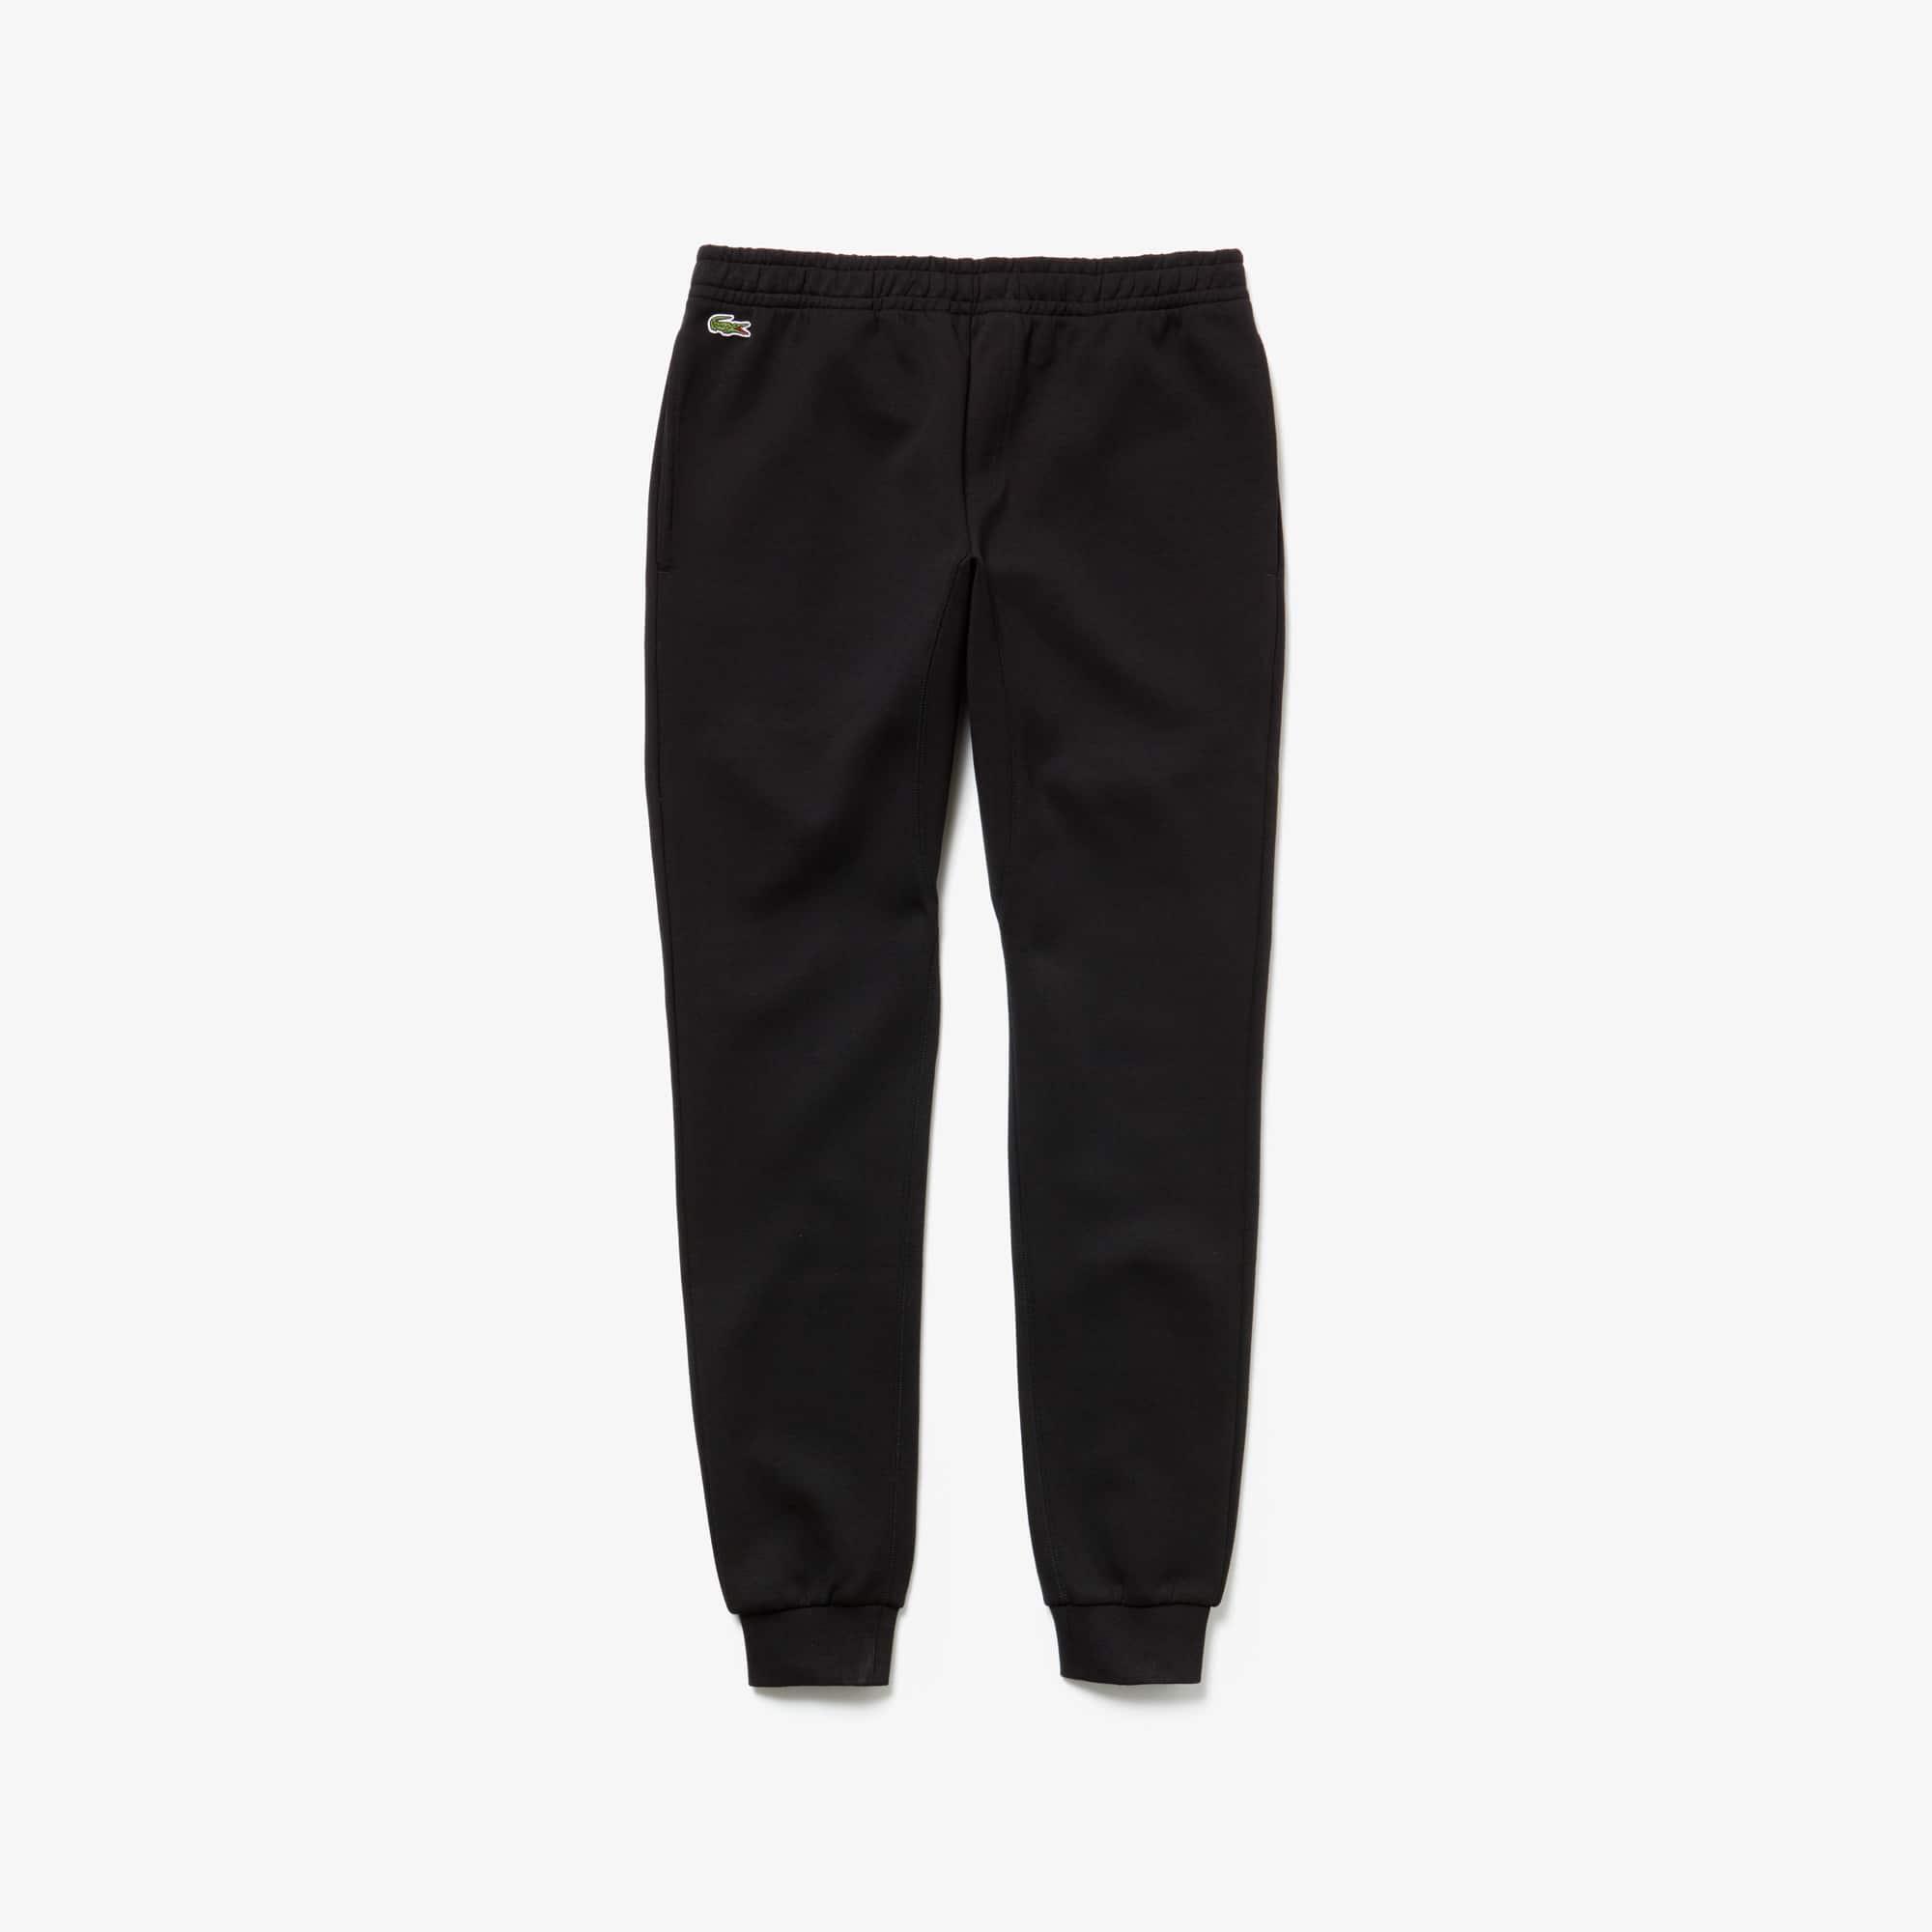 Pantalon de survêtement Tennis Lacoste SPORT en molleton